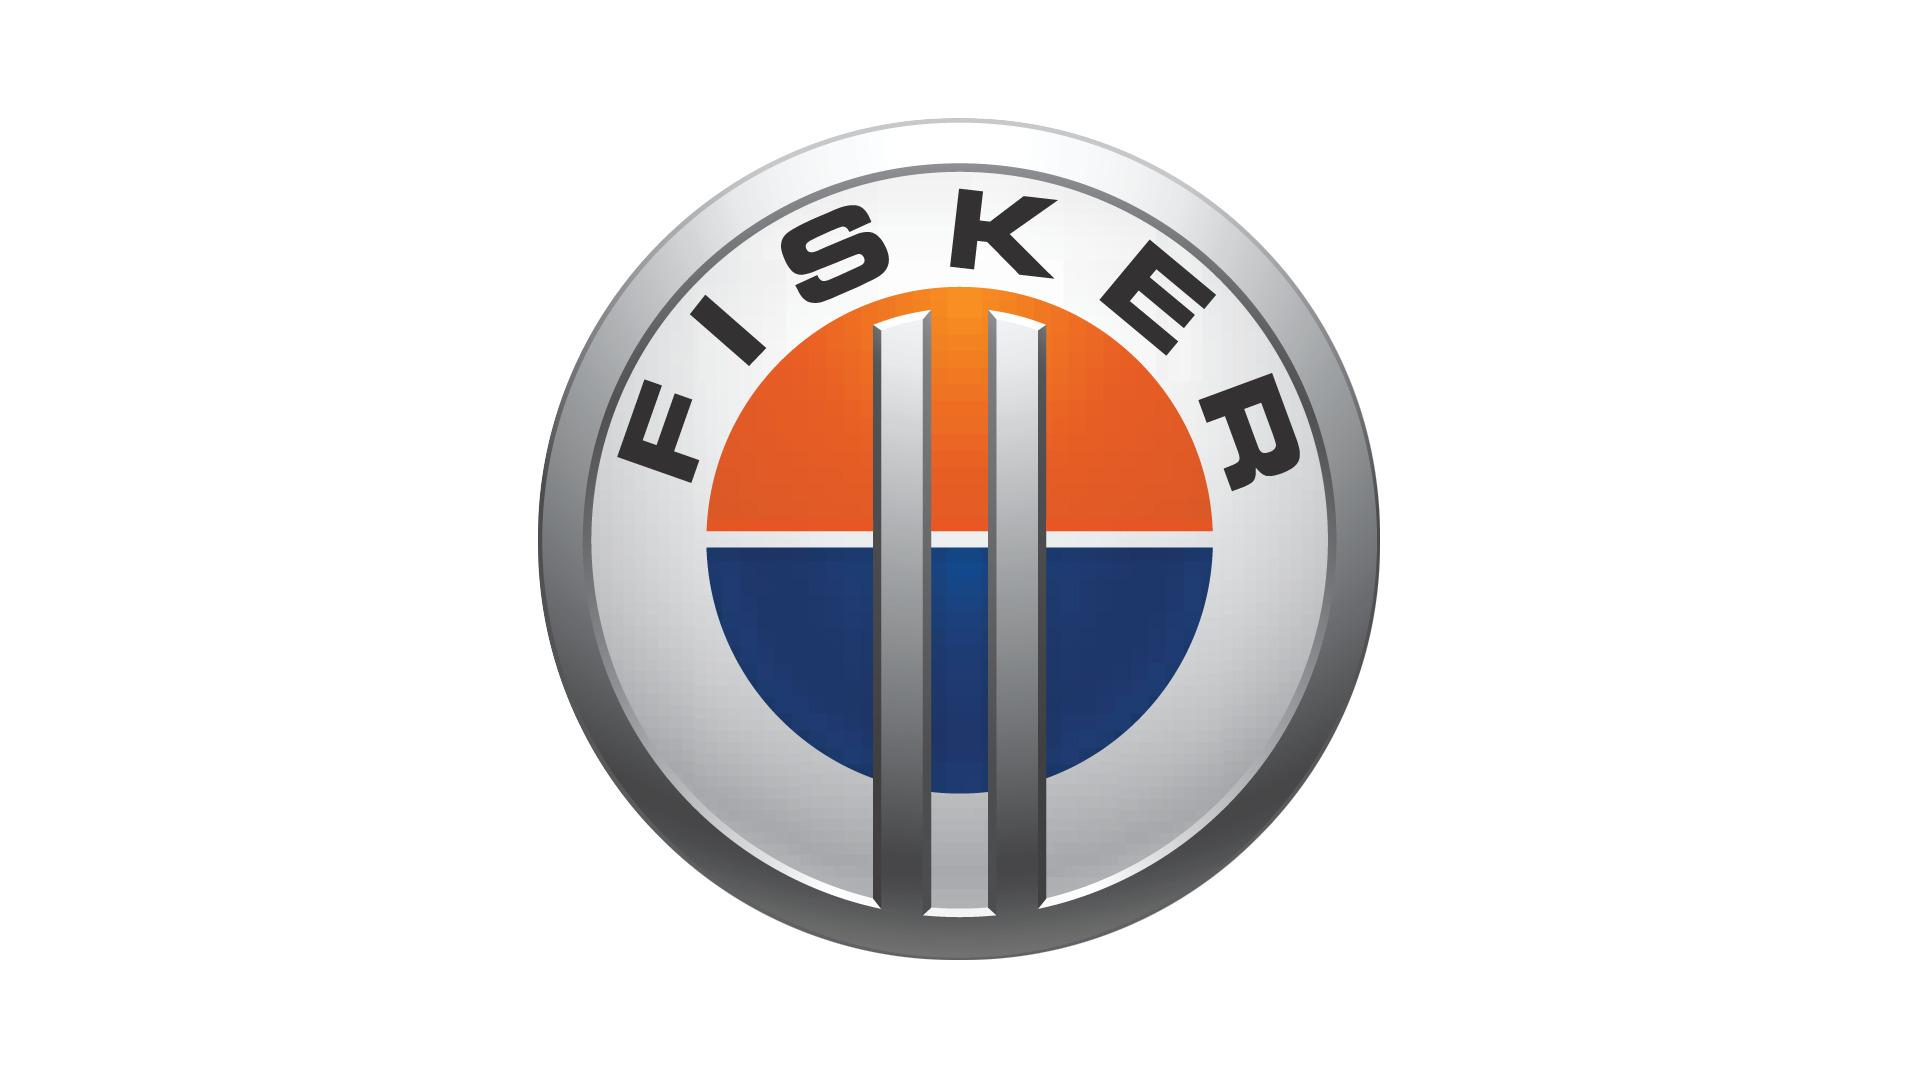 Imagen logo de Fisker